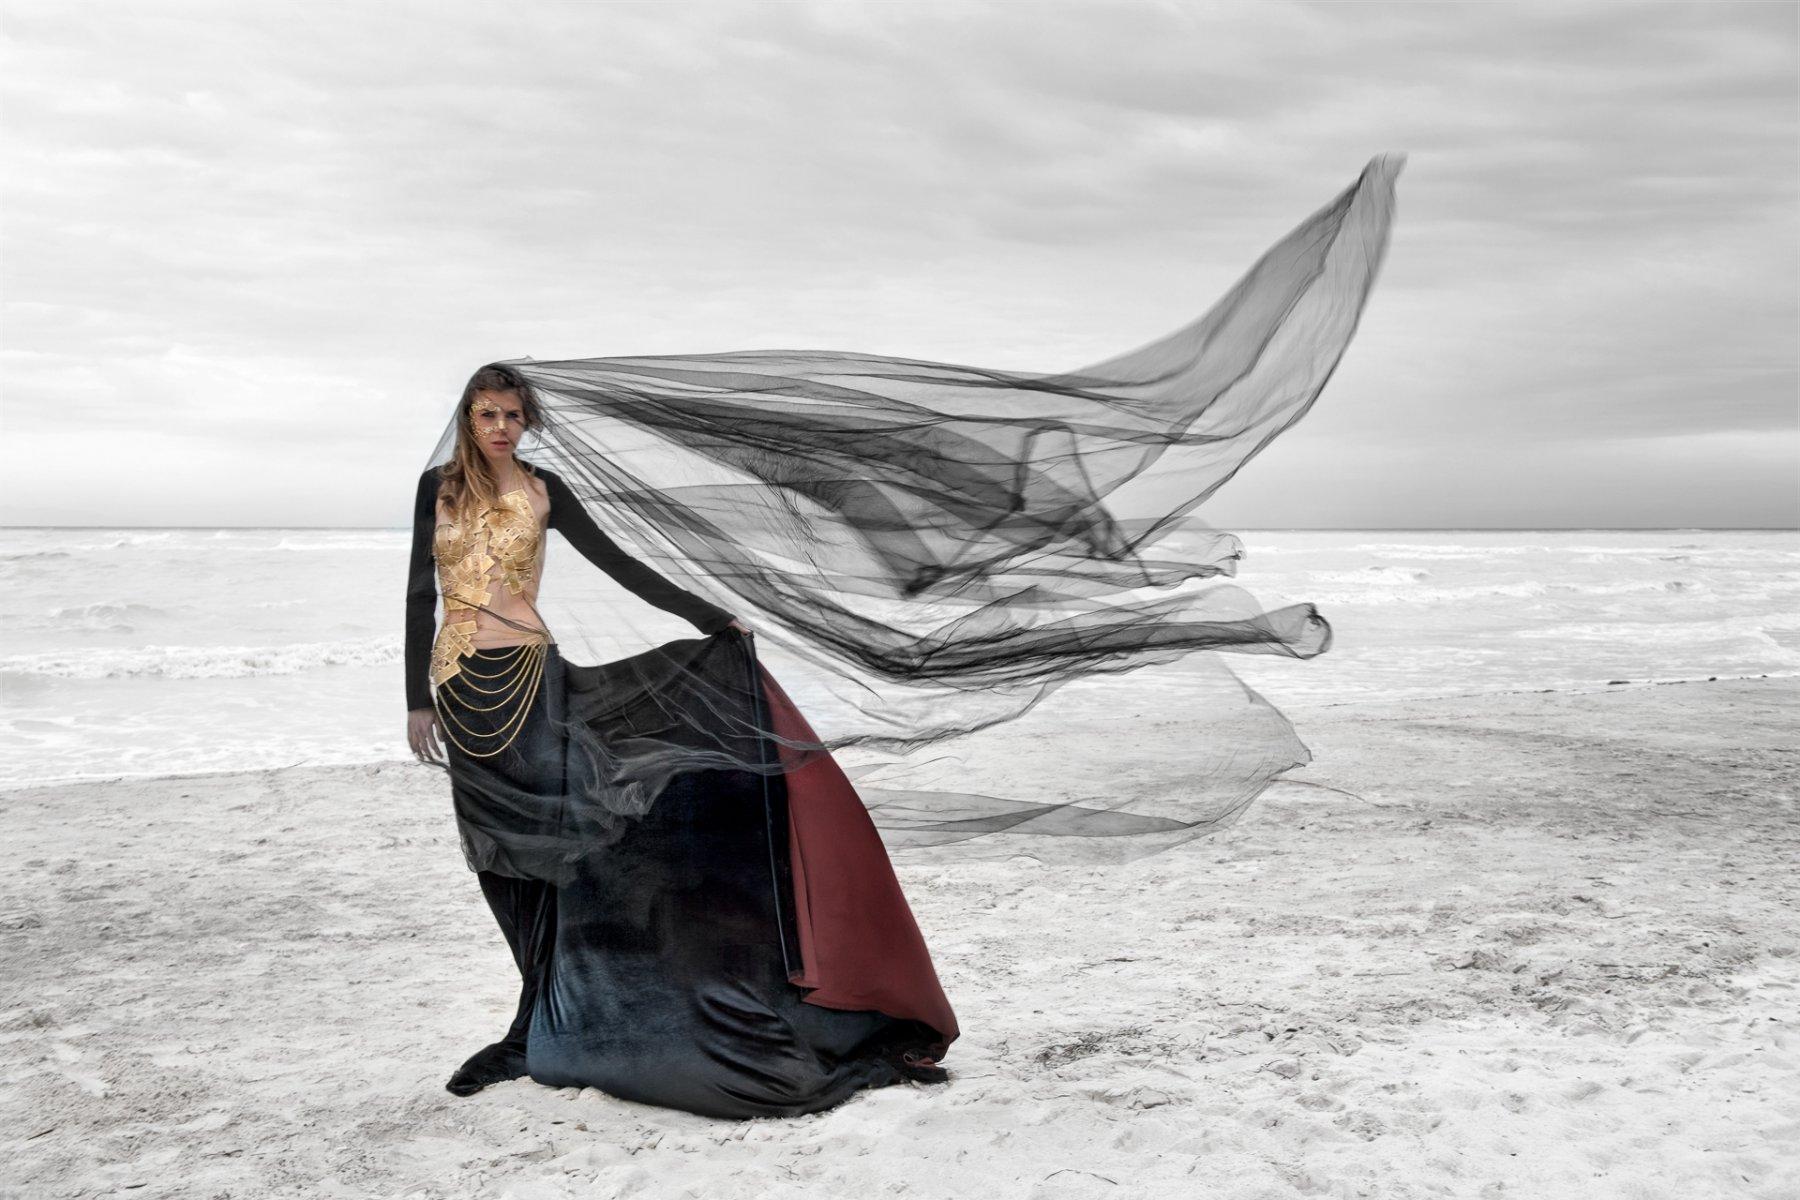 Sea-Queens-Idriss-Guelai-104 Fashion/Adv